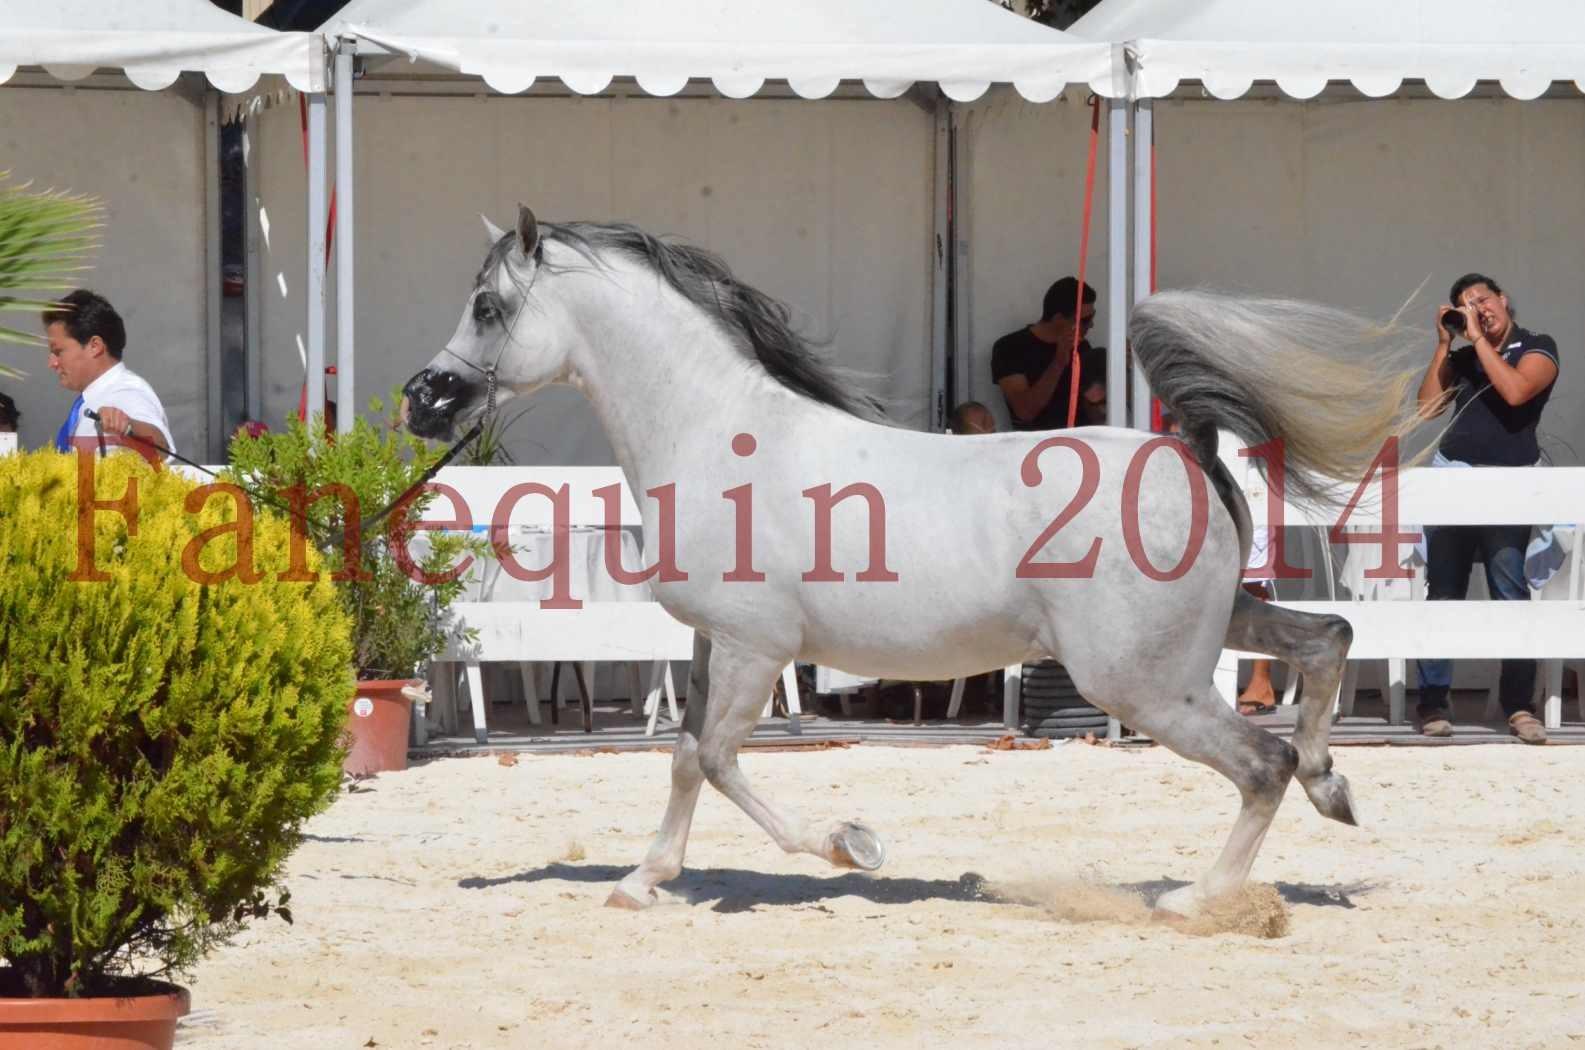 Concours National de Nîmes de chevaux ARABES 2014 - Sélection - SHAOLIN DE NEDJAIA - 30